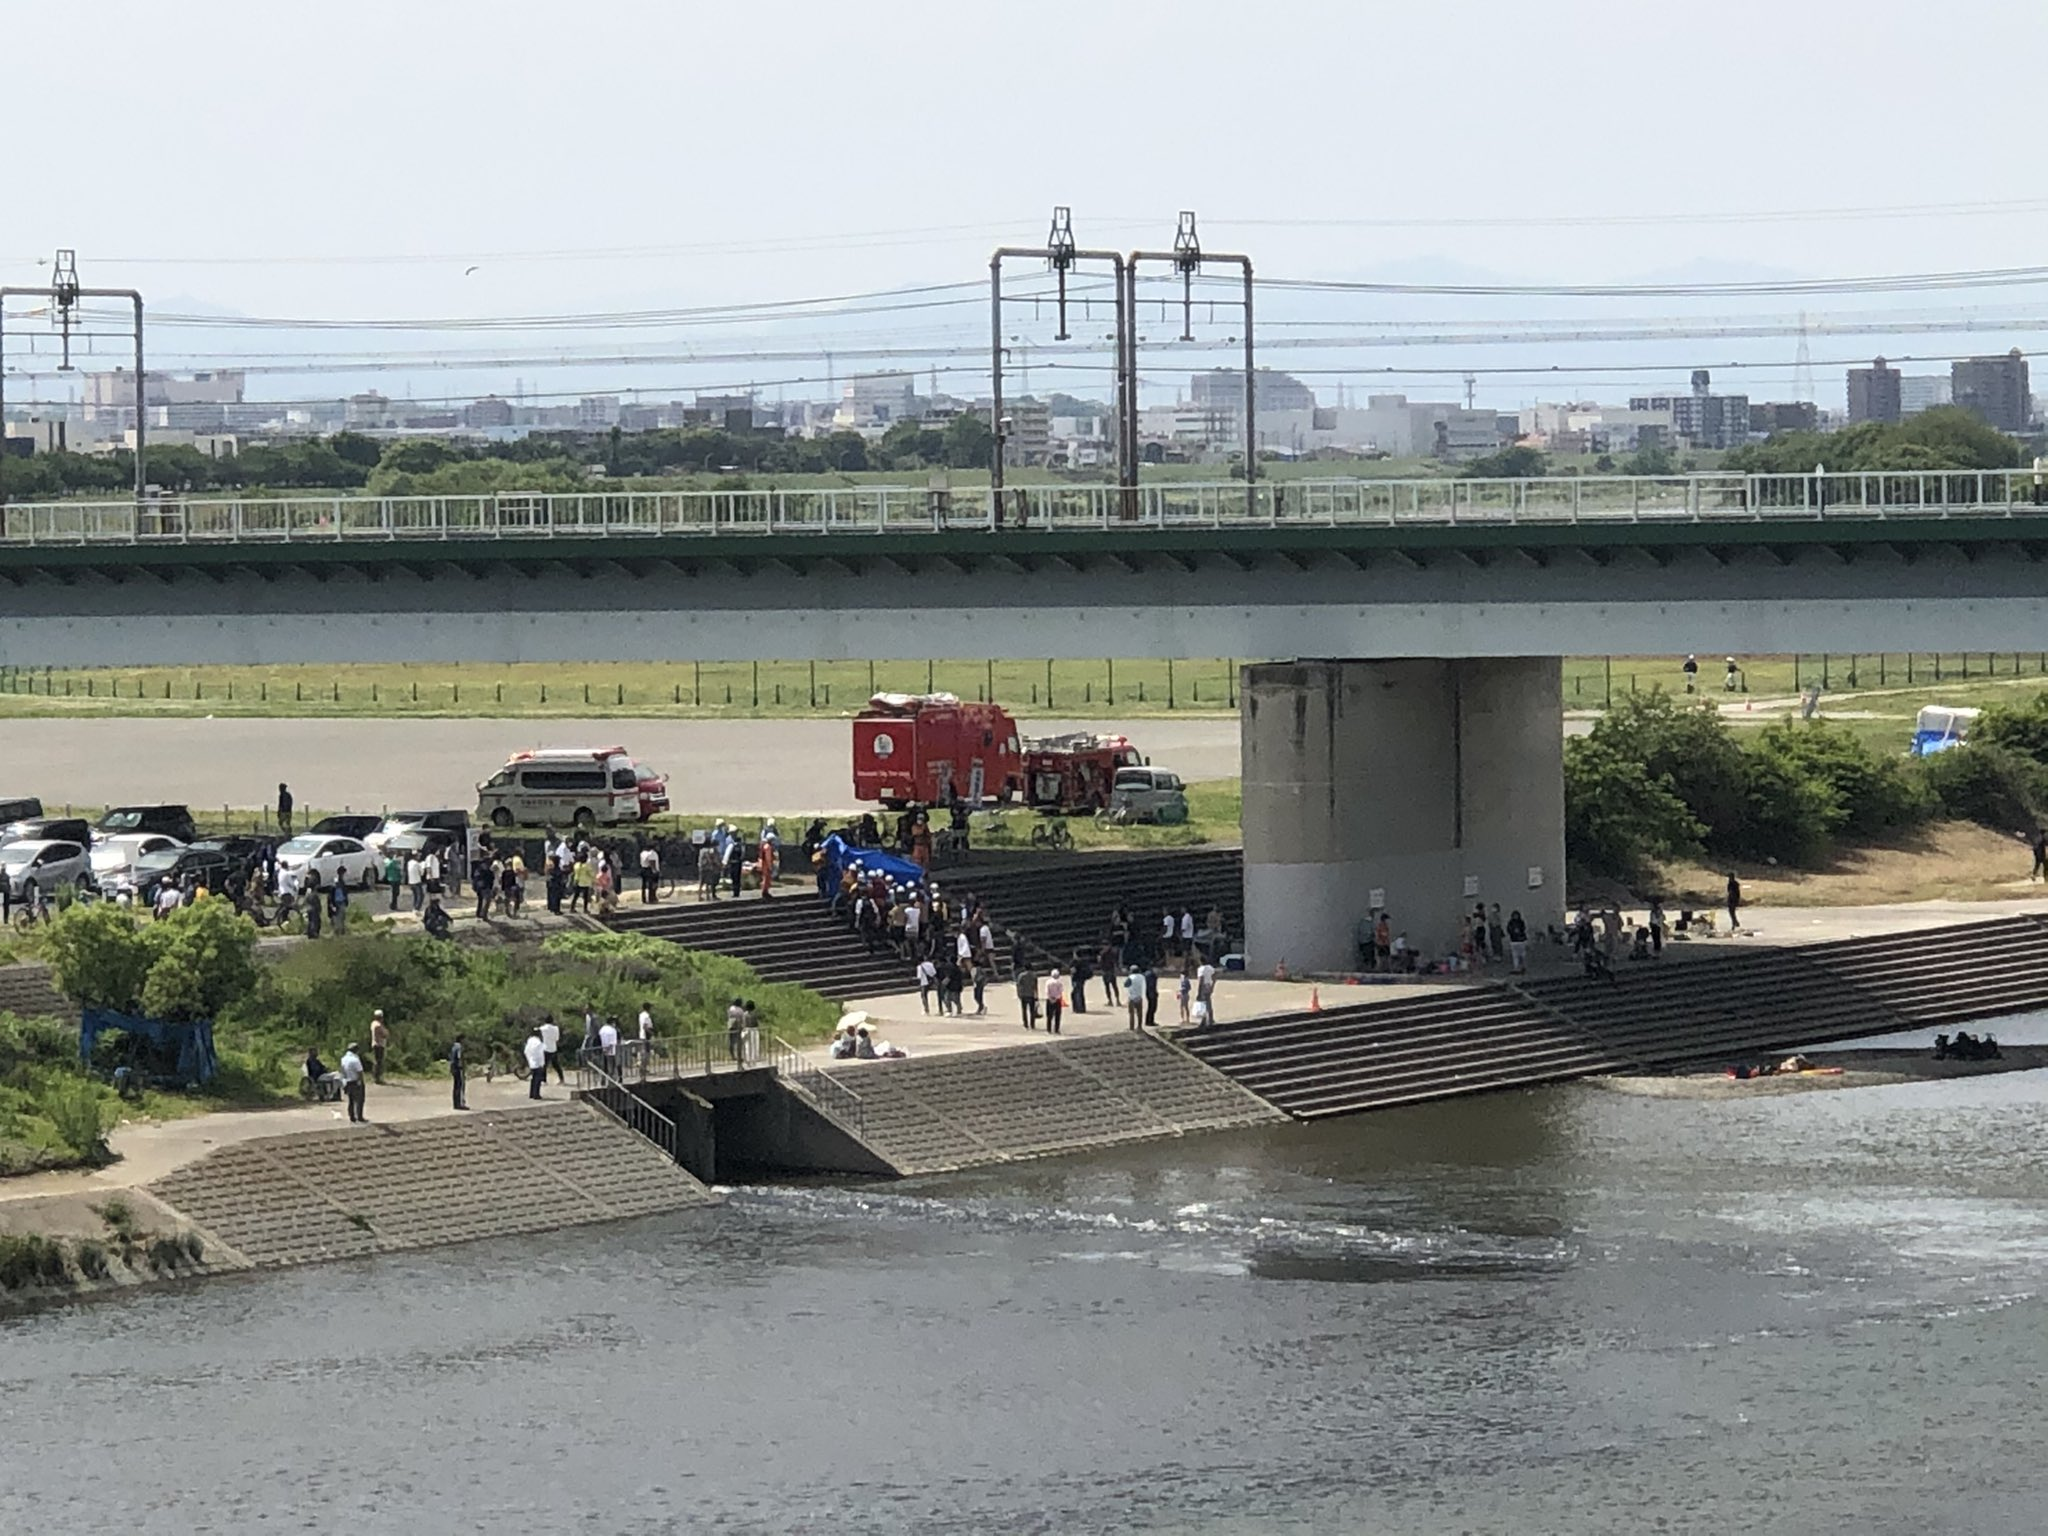 画像,ヘリも来てるし凄い人だし、何事って思ったら、丸子橋で水難事故があったっぽい。ヘリいなくなったし、救急車が1台サイレン鳴らしながら出て行ったけど、見つかった…のか…